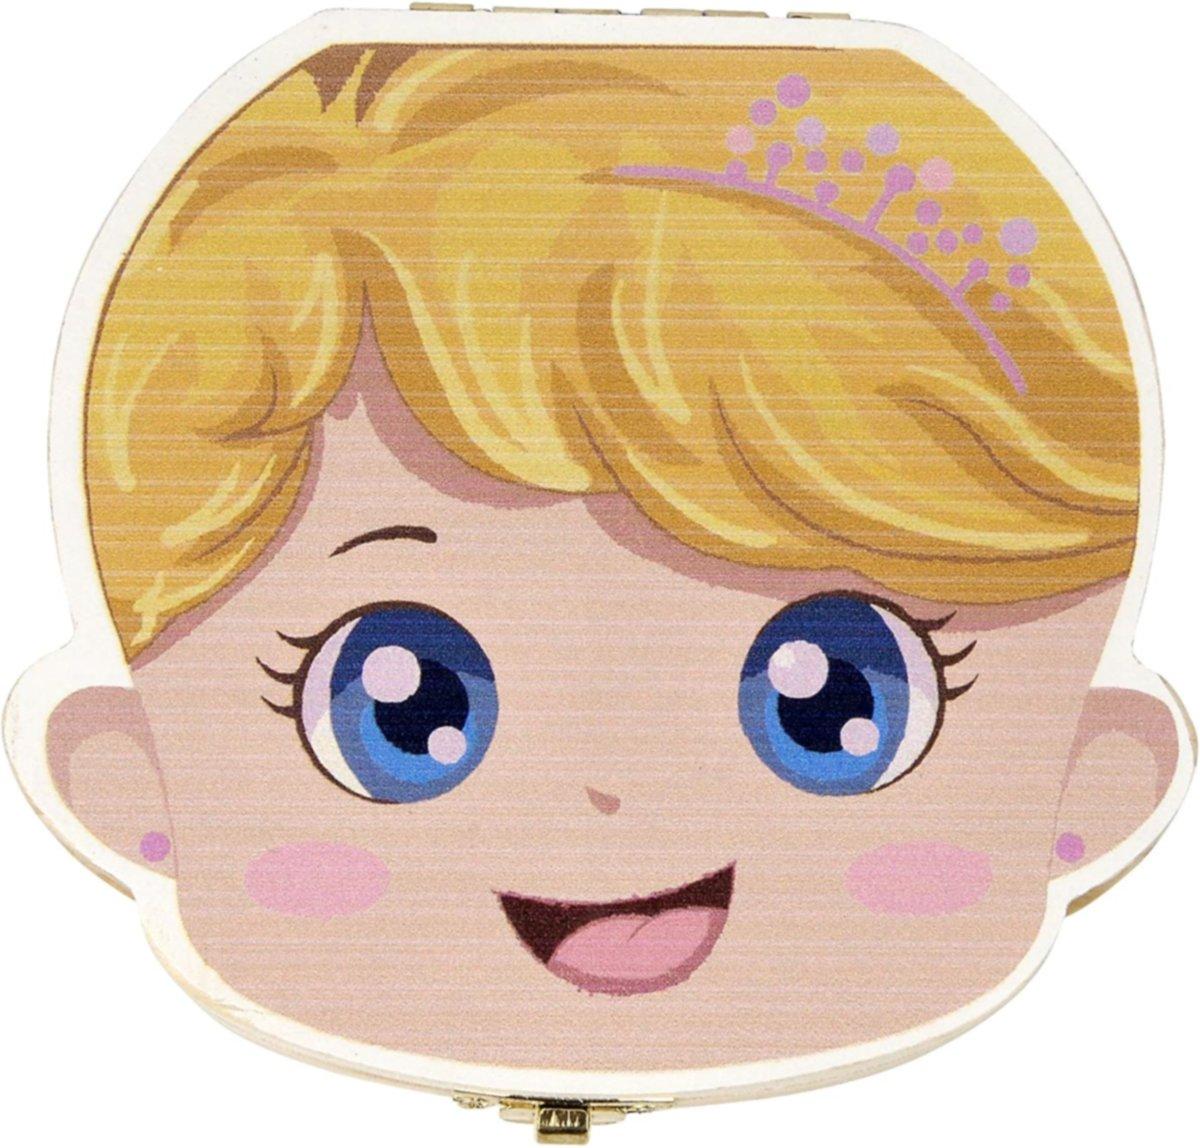 WiebelTandje - Houten Tandendoosje Nederlands voor Melk Tanden van Tandenfee met Geschenk Doosje – Meisje/Blond